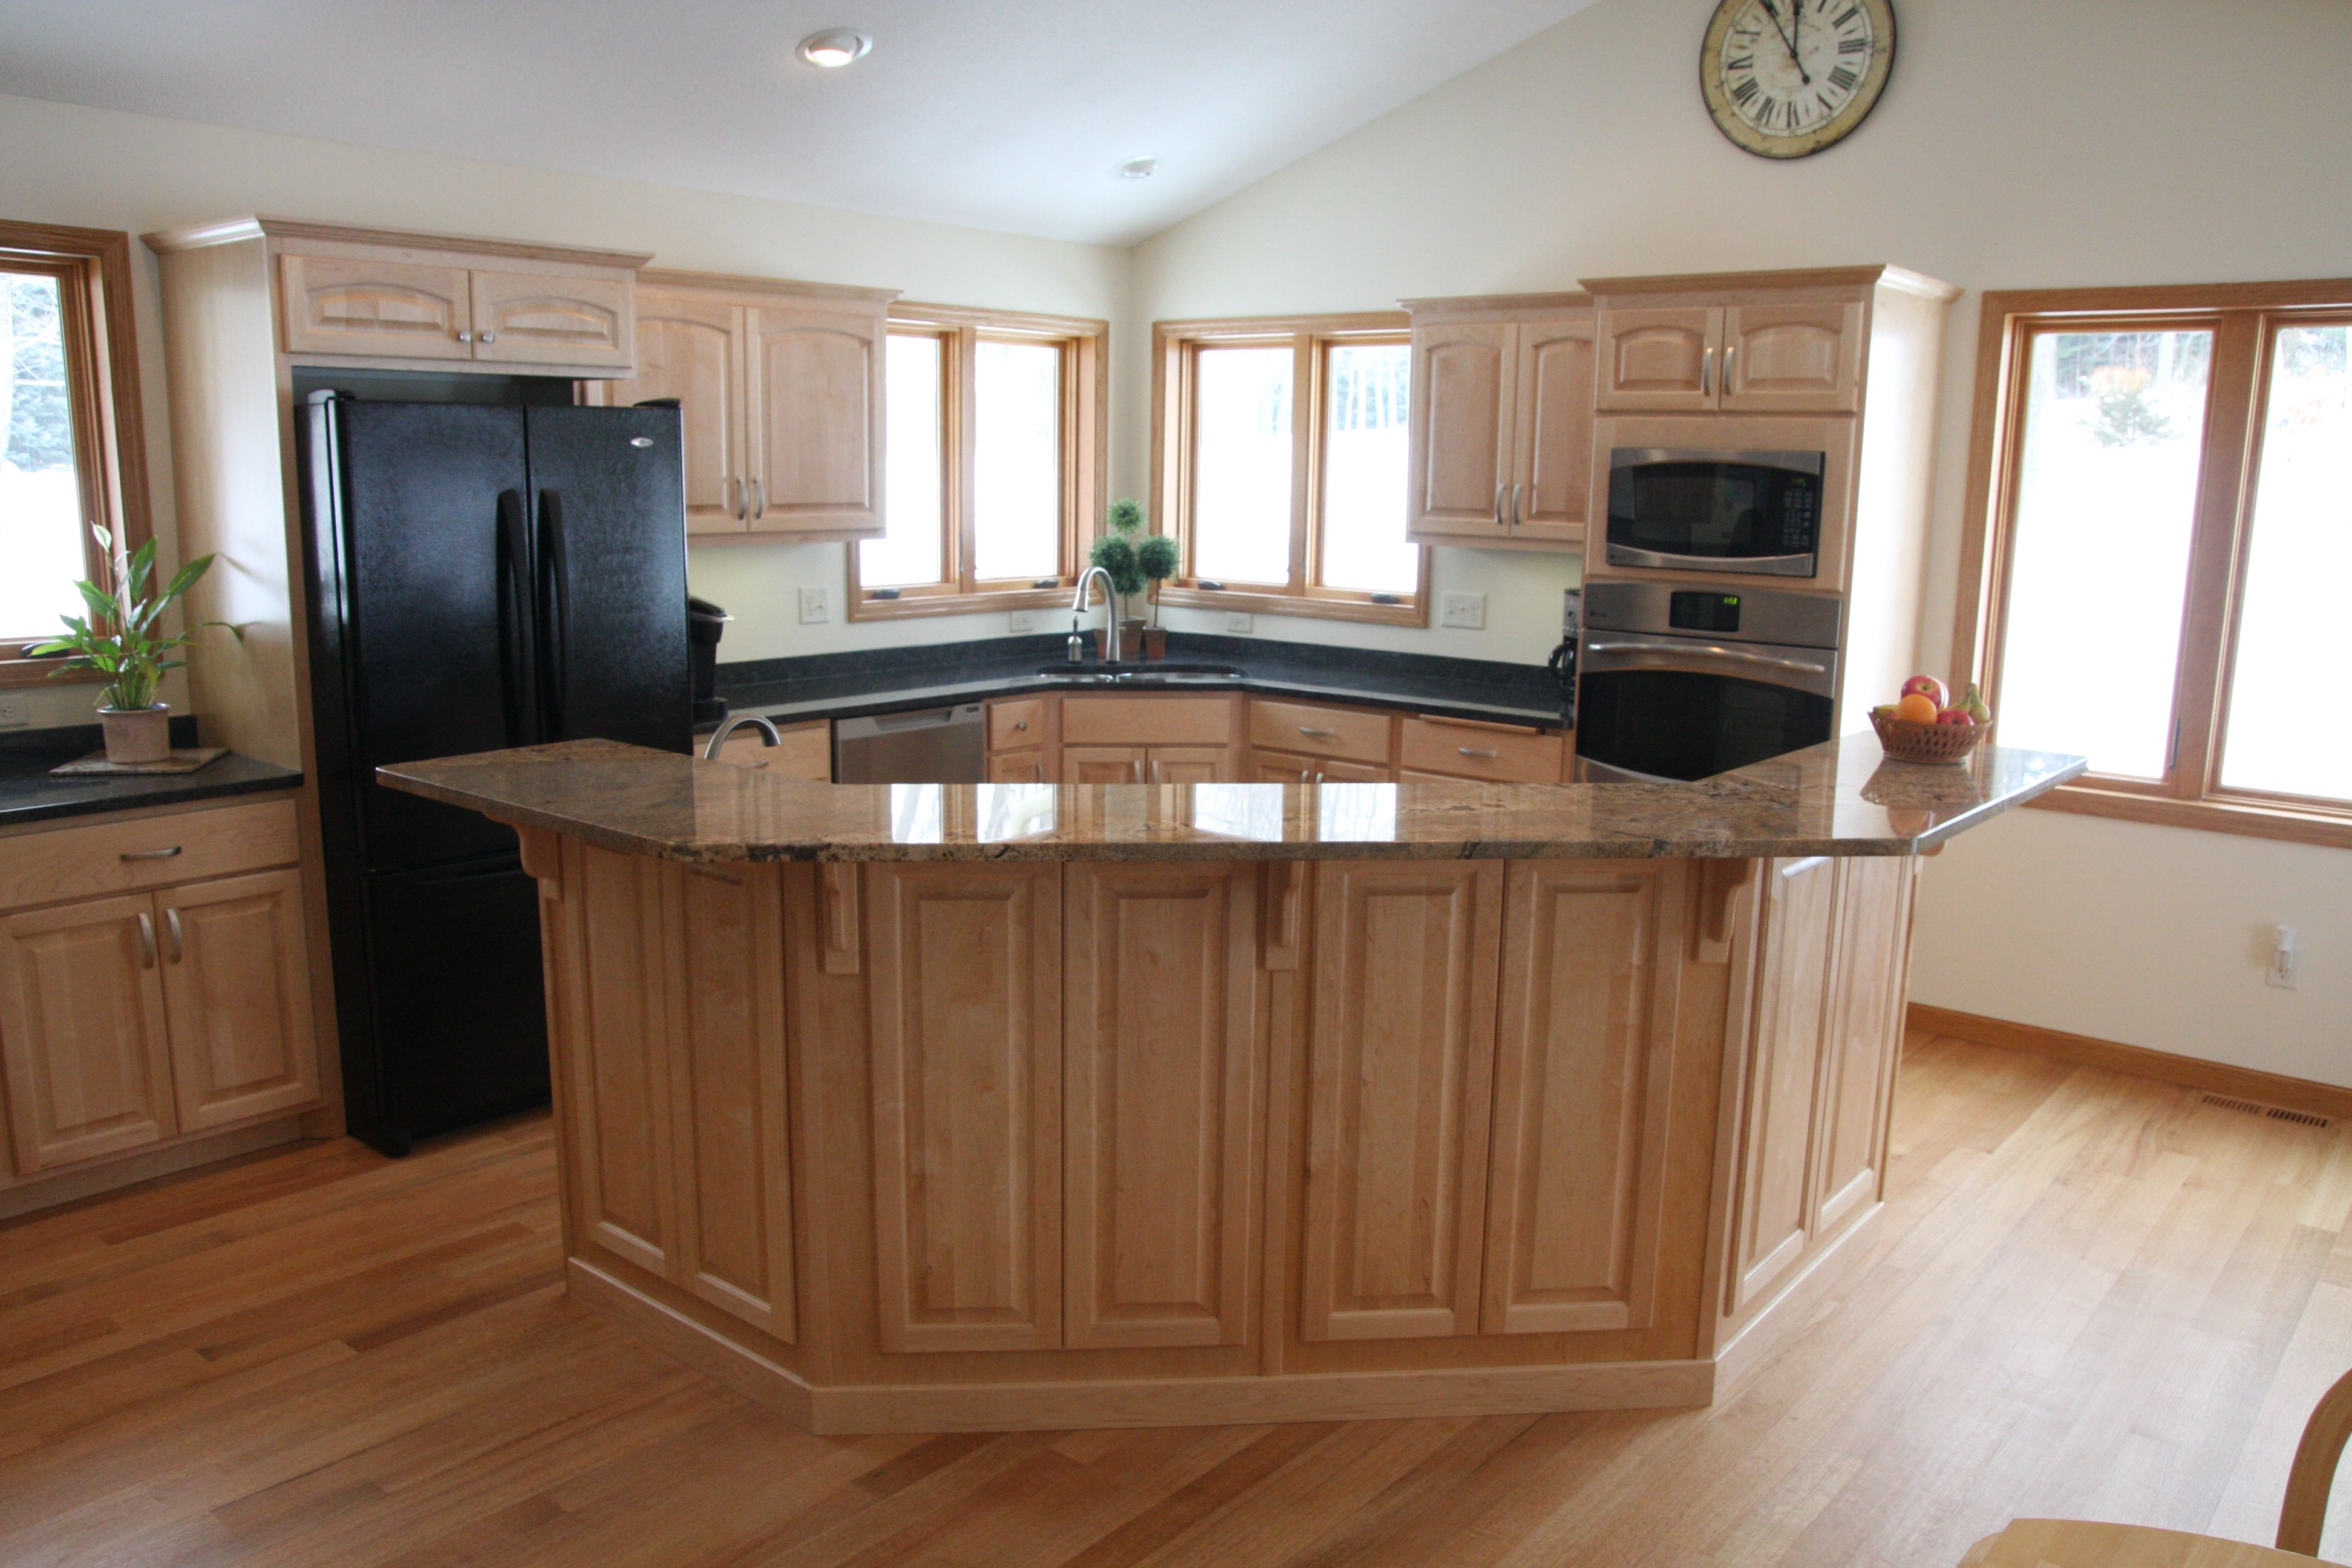 Updated open kitchen floor plan Updated open